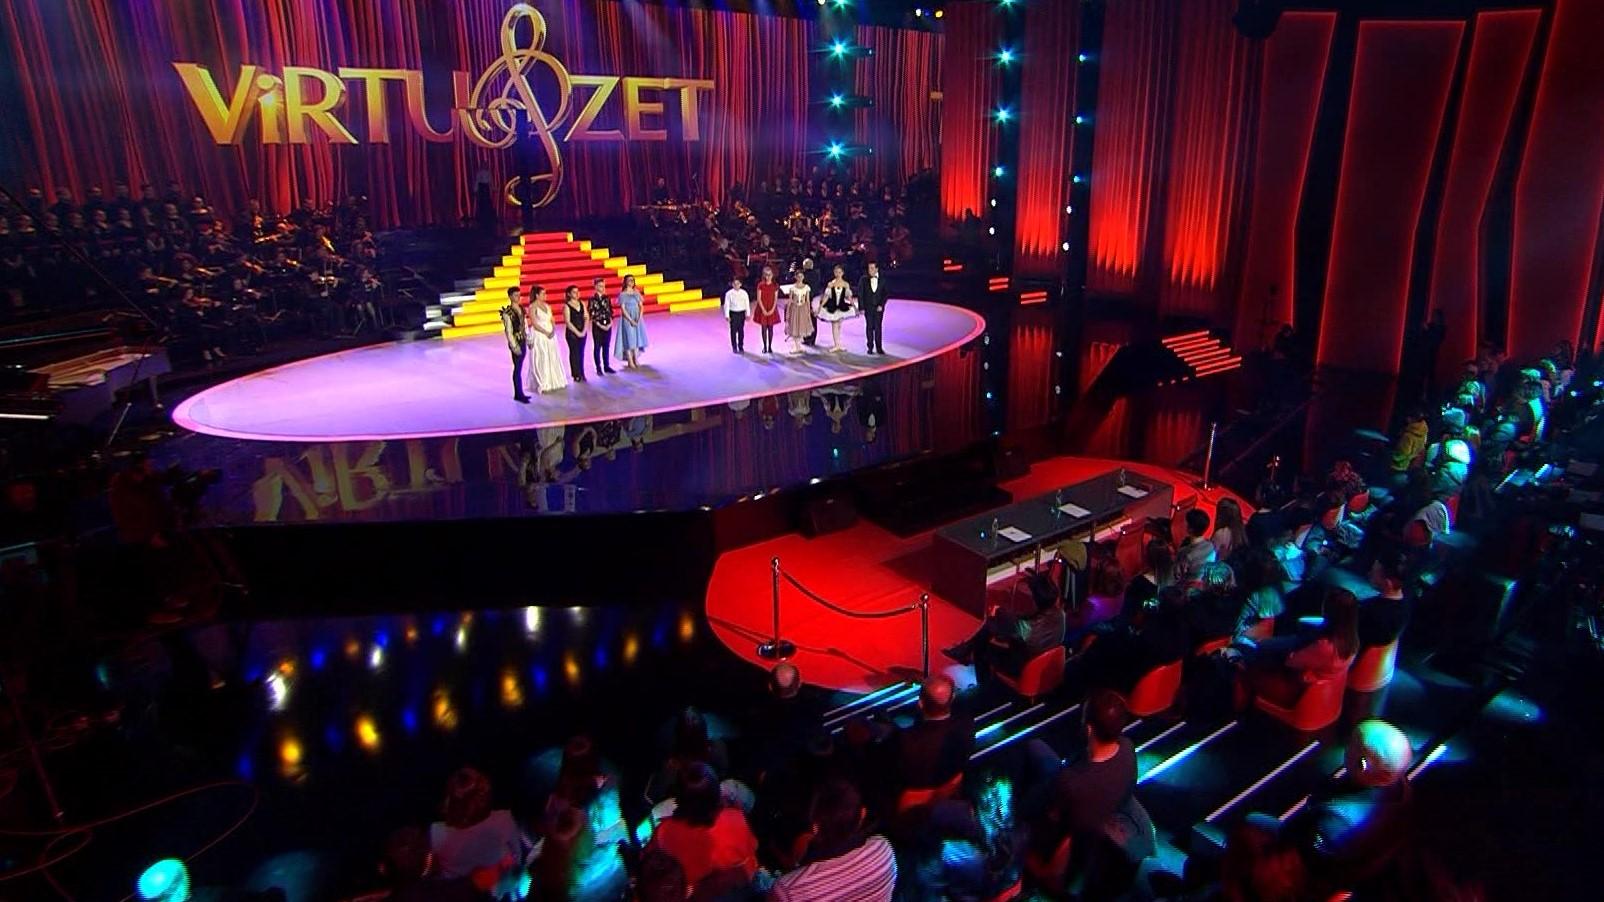 """Nis spektakli """"Virtuozët"""" në TV Klan, rekord audience që në natën e parë"""